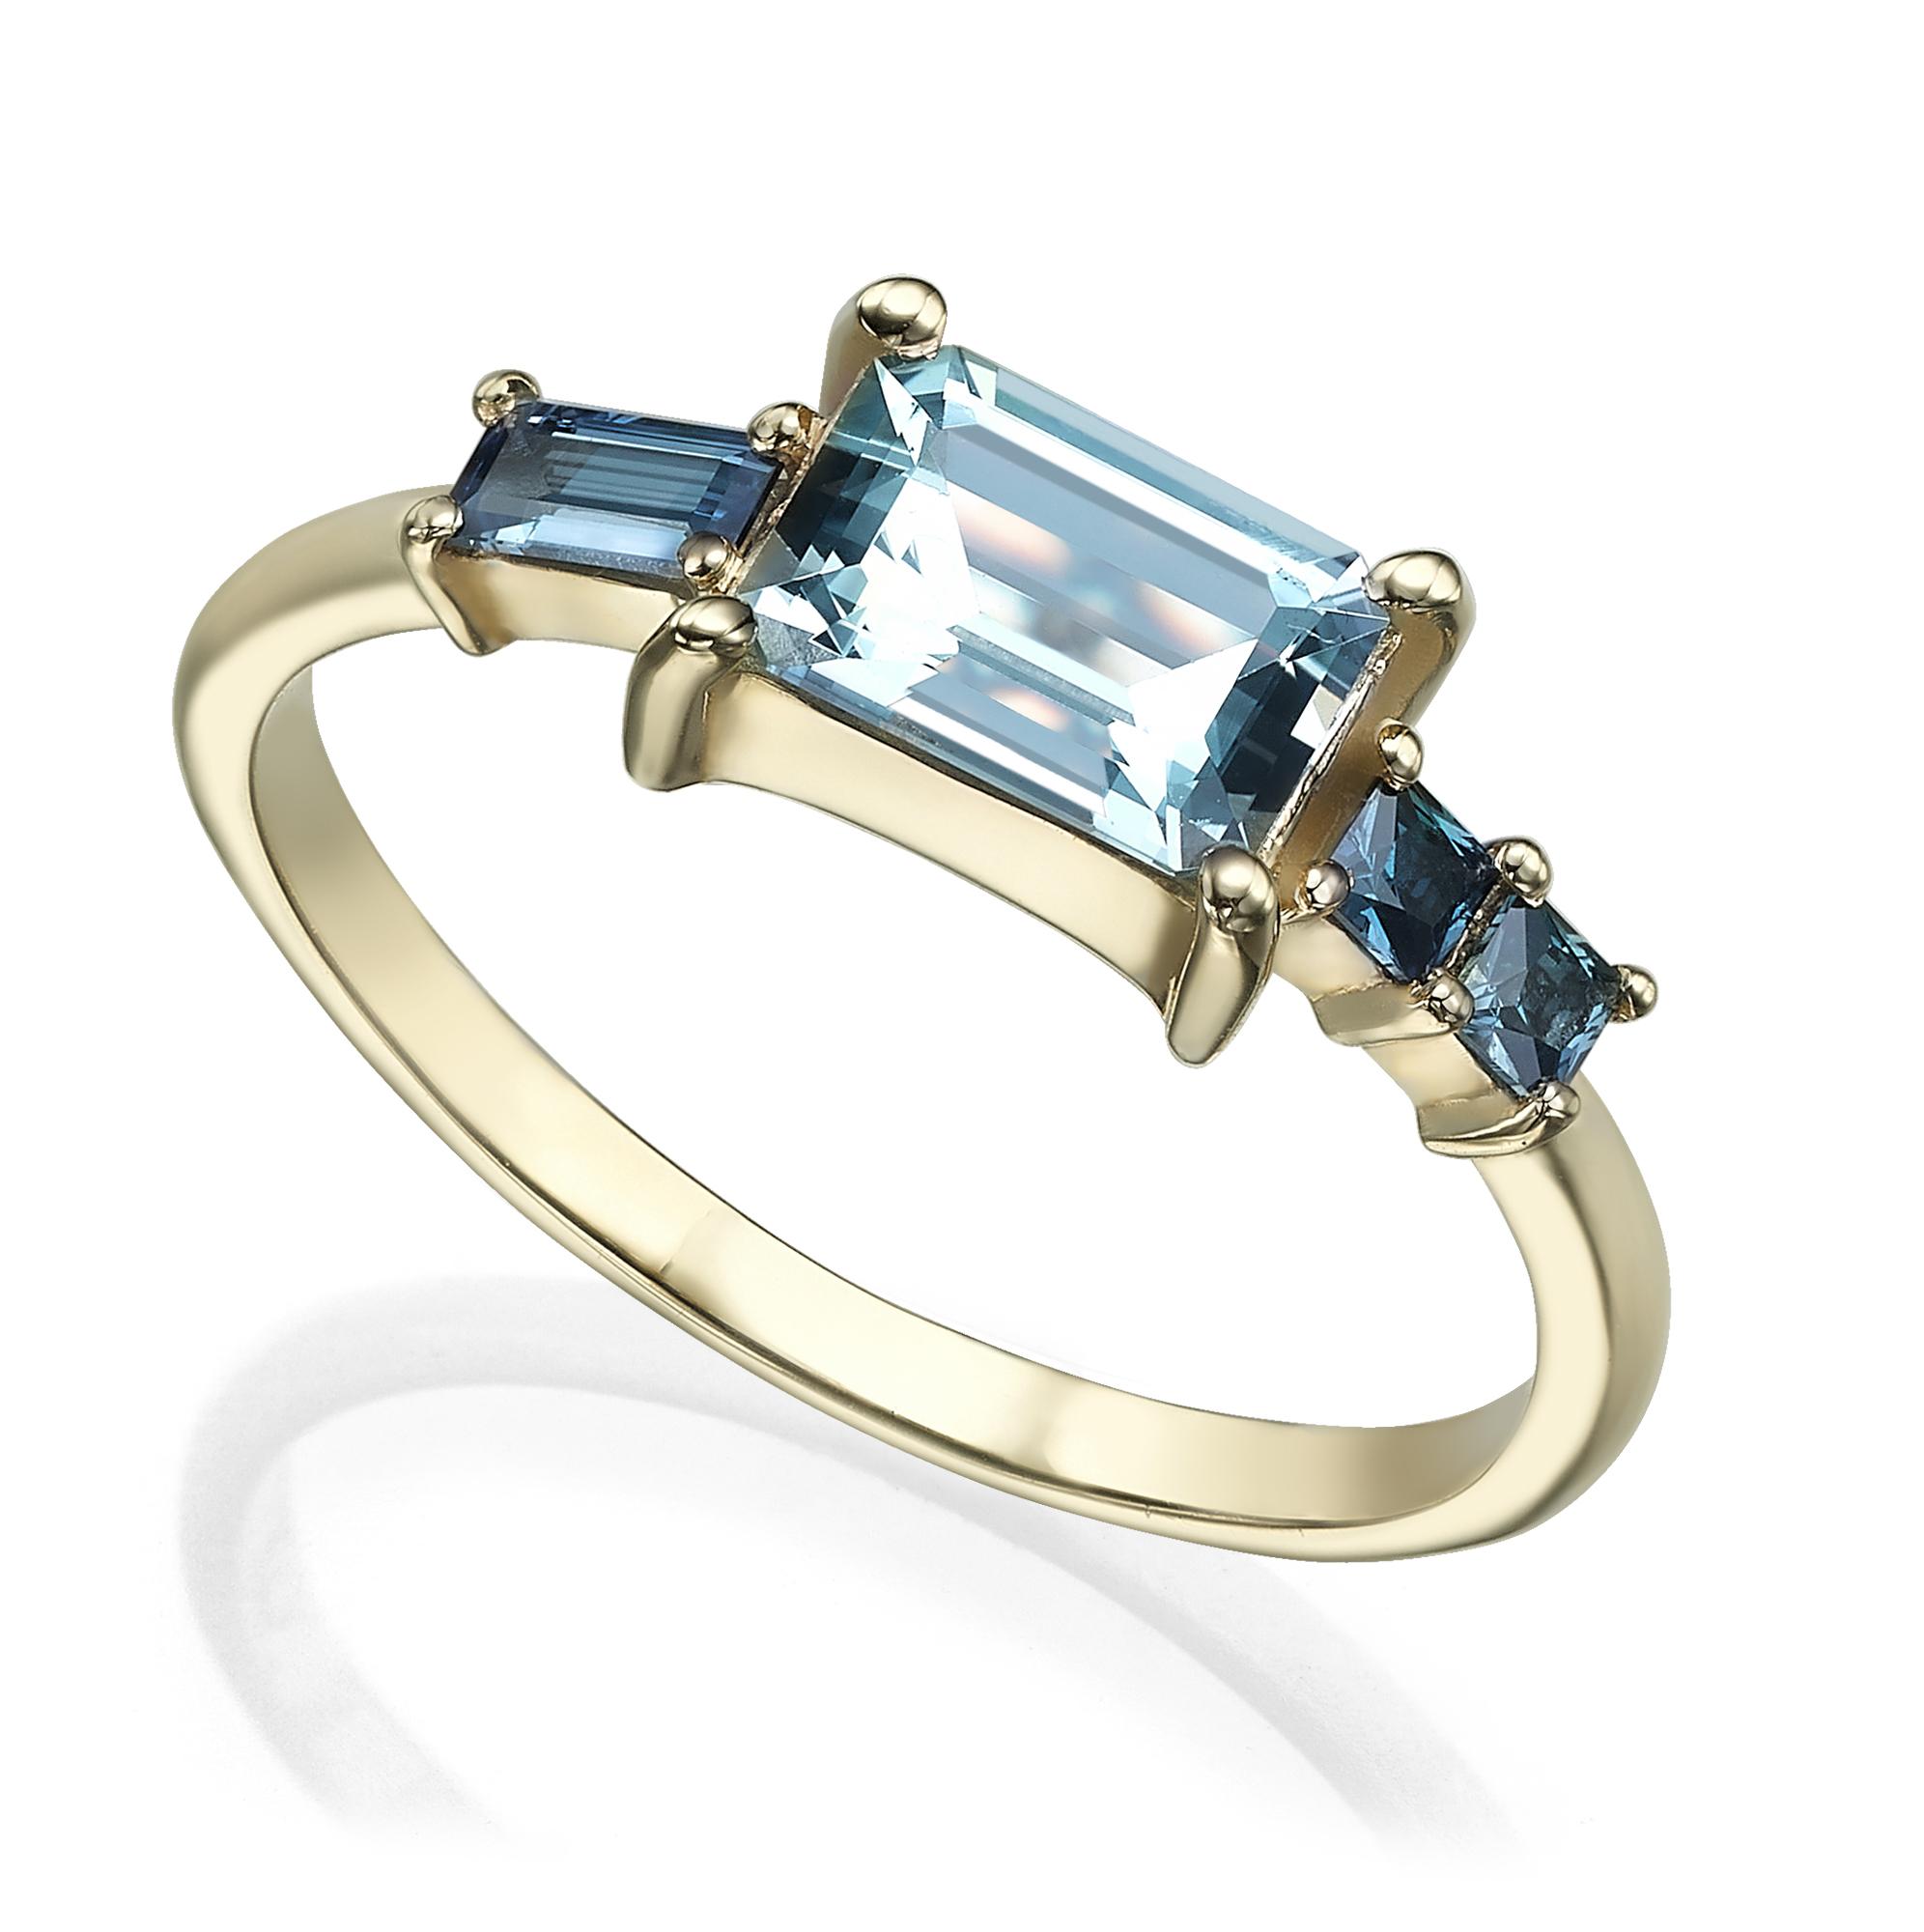 טבעת זהב משובצת אקוואה מרין בחיתוך אמרלד קאט וספירים בחיתוך פרינסס ובגט בצדדים